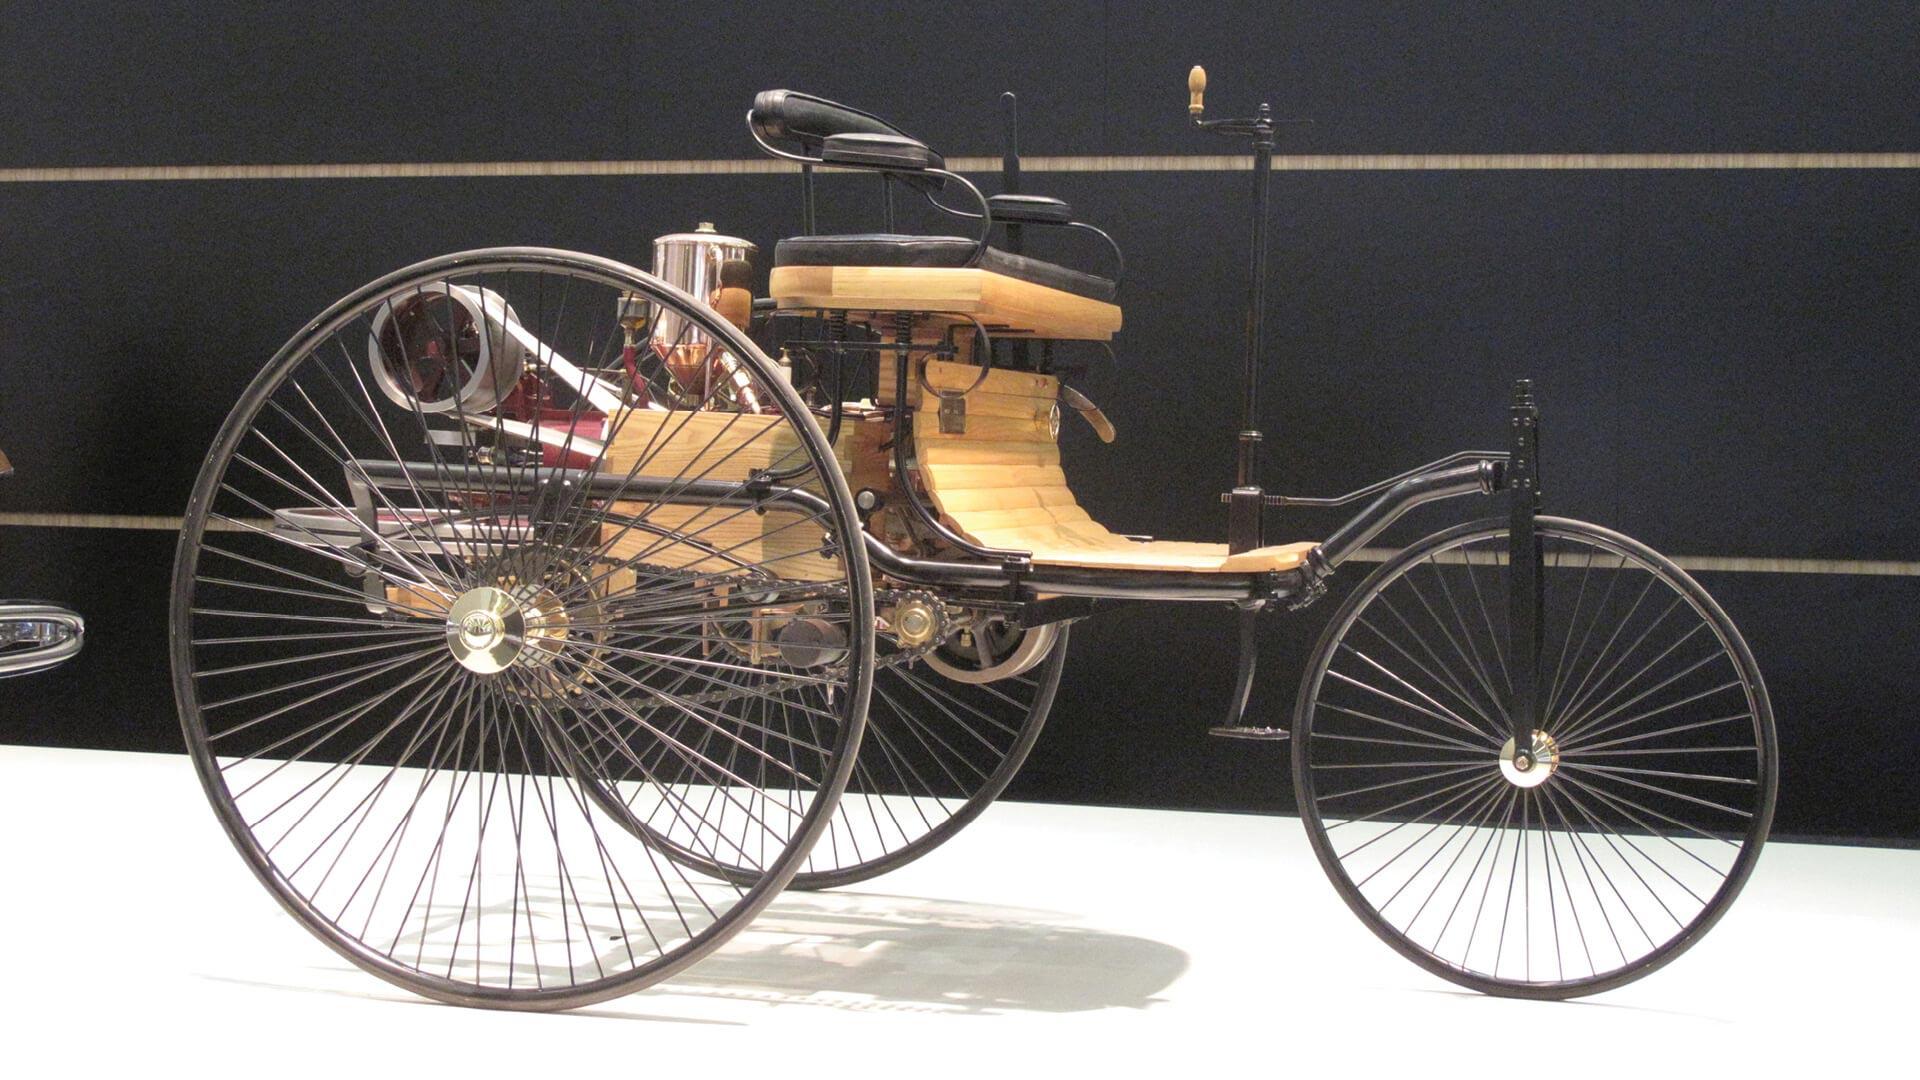 The Benz Patent-Motorwagen replica at Mercedes-Benz Museum Stuttgart | Freewheeling | Gautam Sen and Avik Chattopadhyay | STIRworld